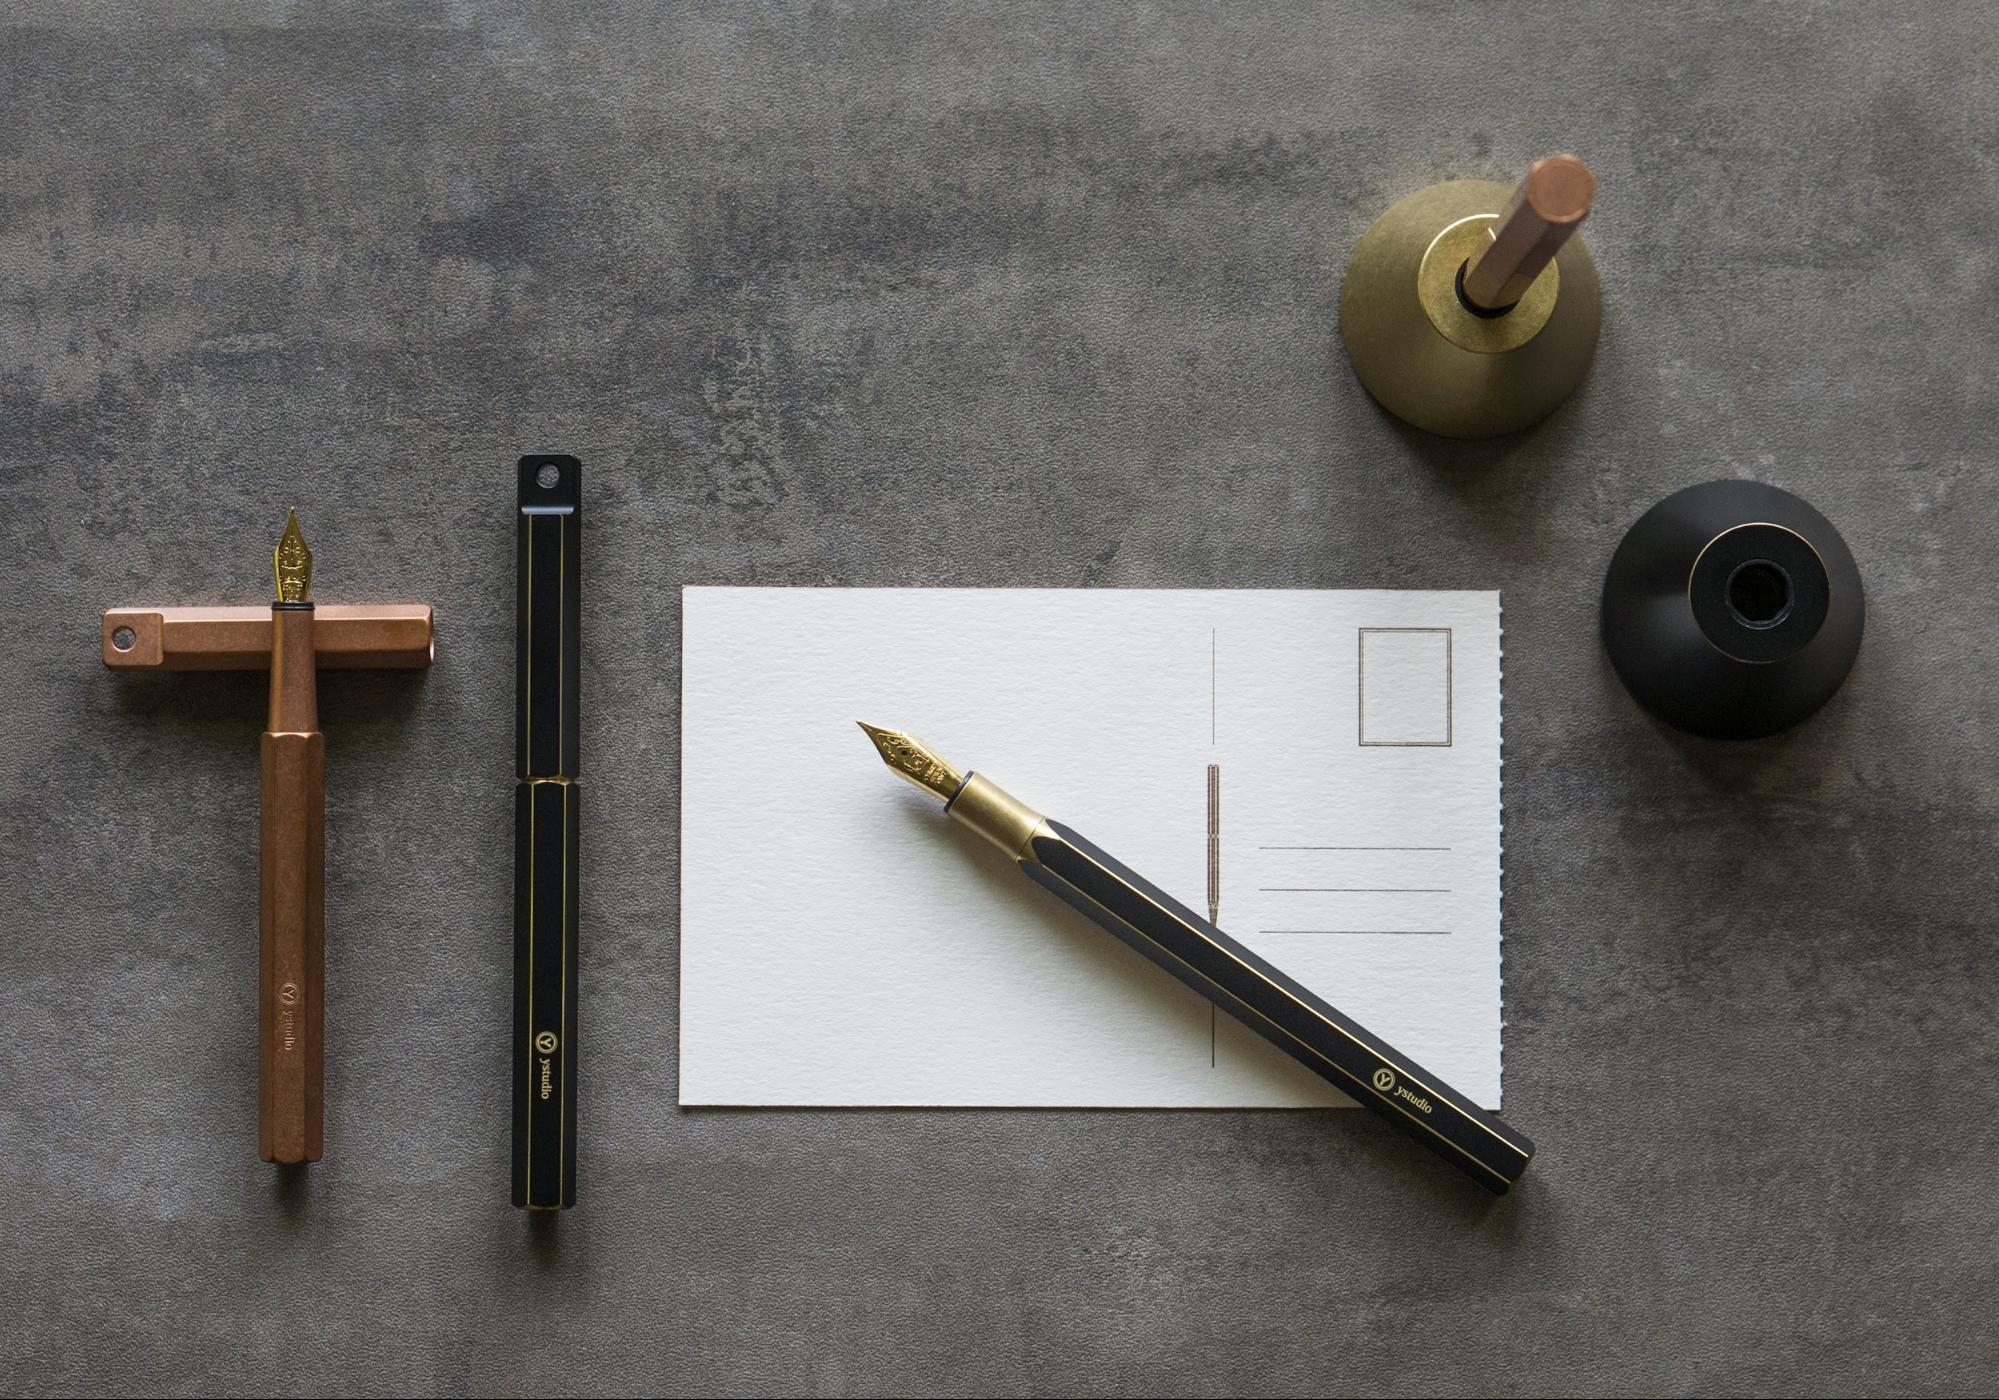 鋼筆握法教學